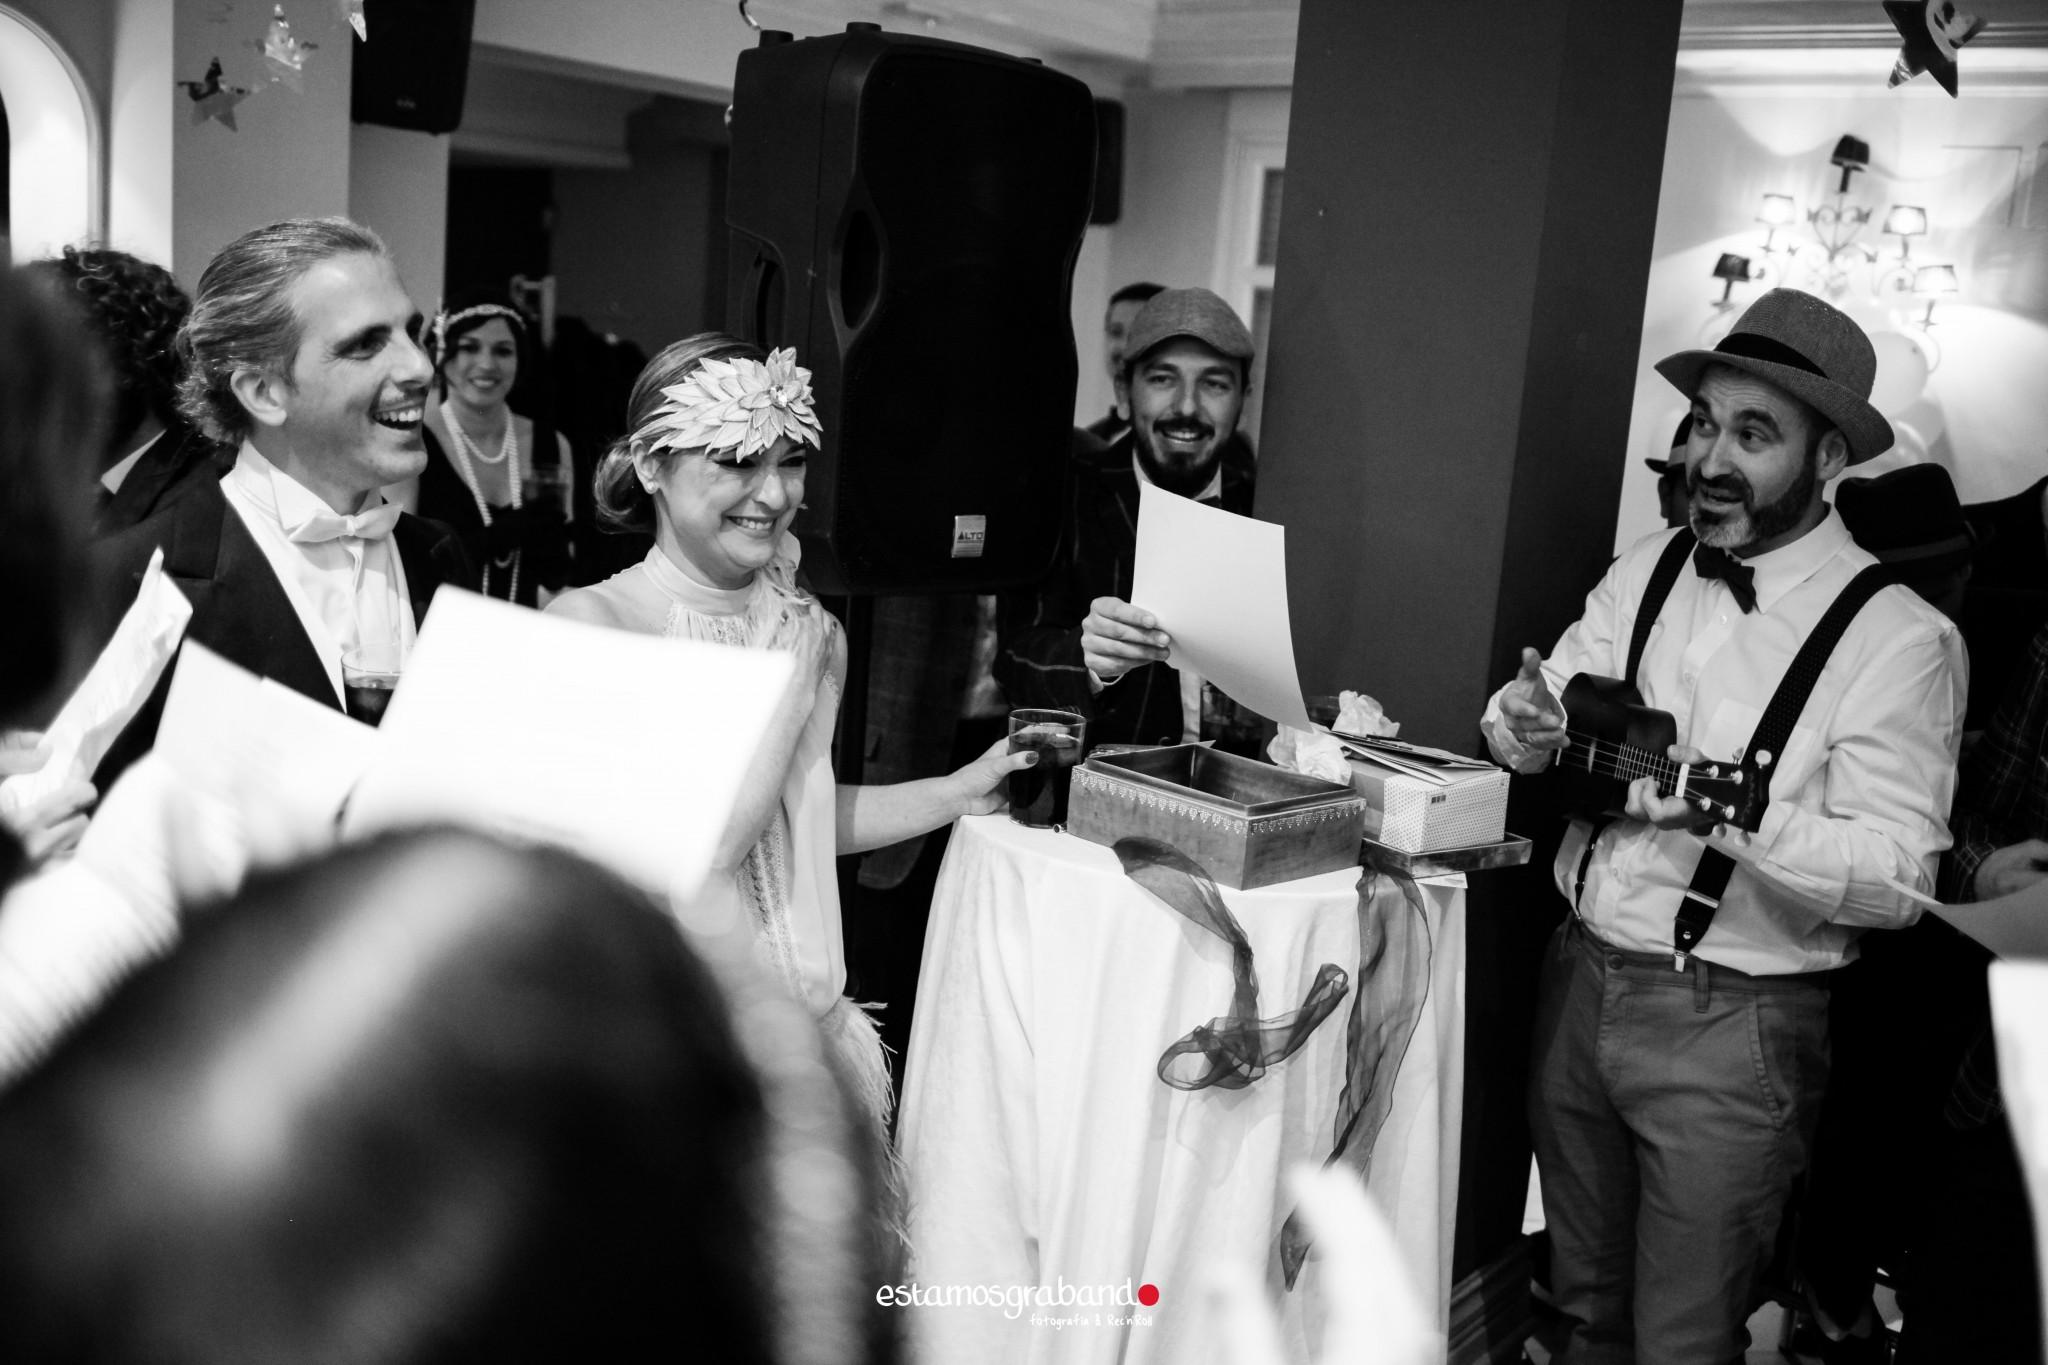 Años-20-BBTP-101-de-109 Los locos Años 20 [Fotografía en La Teta de Julieta, Cádiz] - video boda cadiz